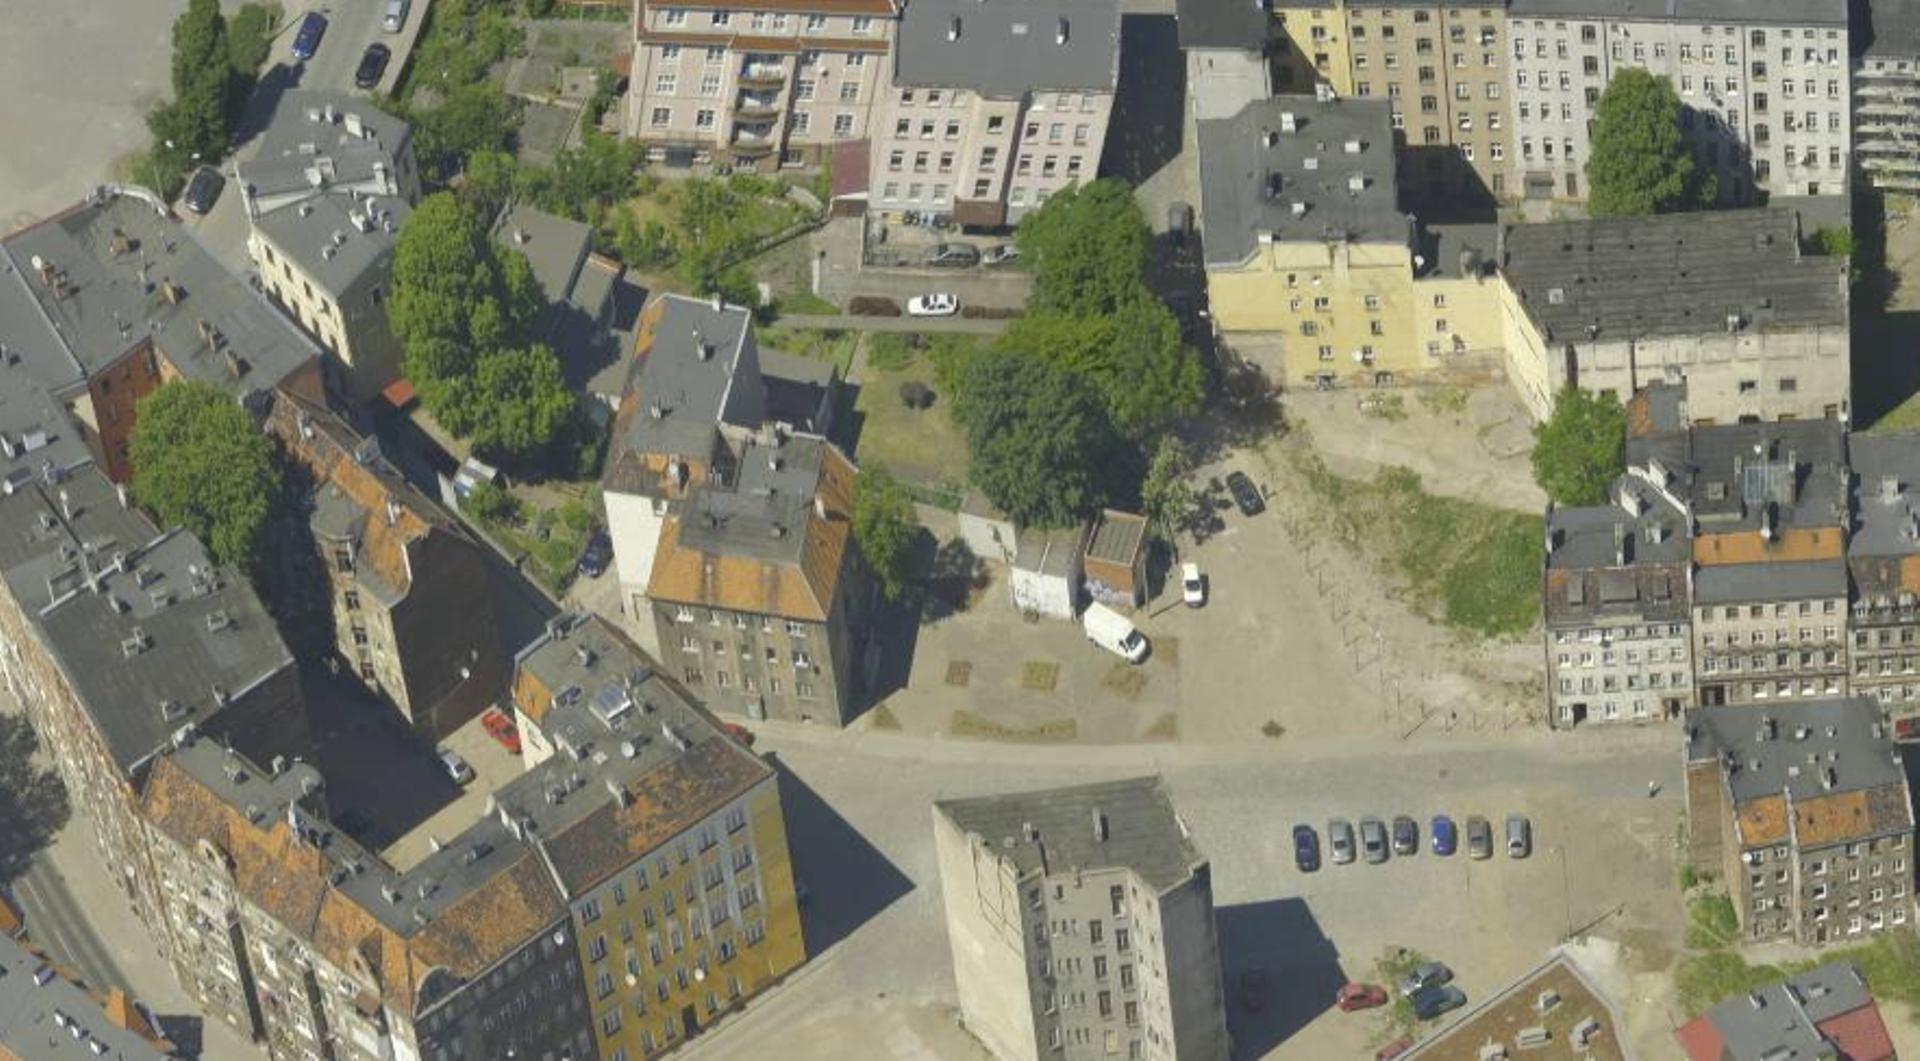 Wrocław: Nowy hotel czy blok? Miasto sprzedało posesję na Nadodrzu